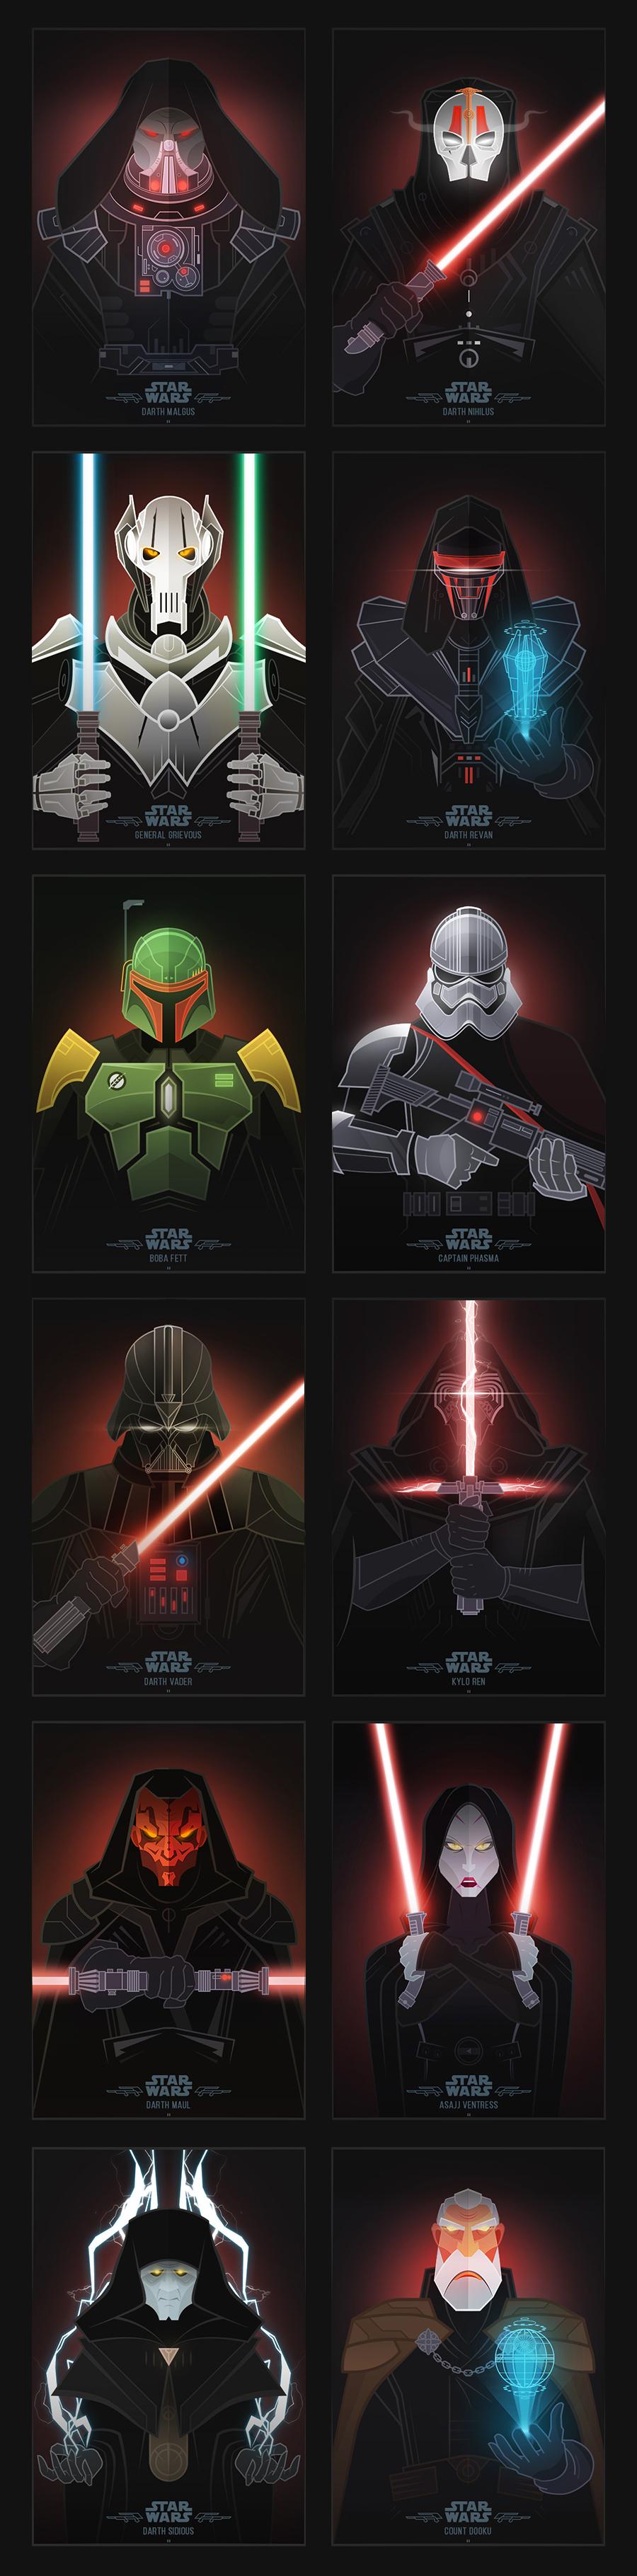 Star Wars Dark Side Illustrations